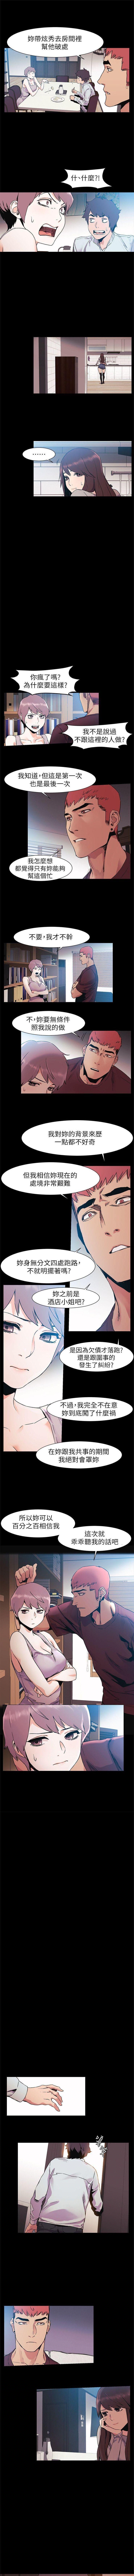 衝突 1-100官方中文(連載中) 170